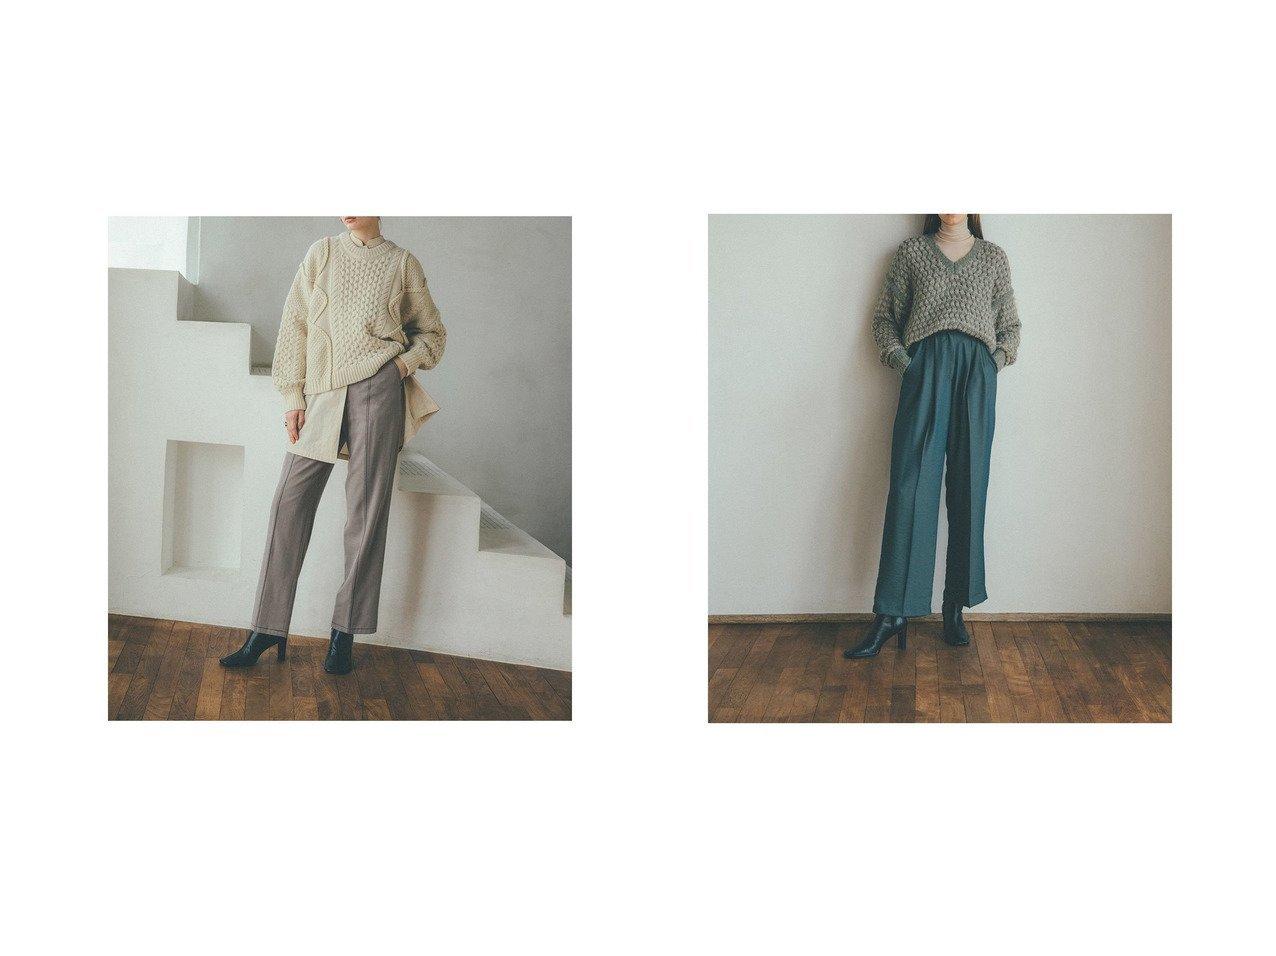 【CLANE/クラネ】のSTITCH WORK STRIGHT PANTS&GLOSS WEAVE TUCK PANTS パンツのおすすめ!人気、レディースファッションの通販 おすすめで人気のファッション通販商品 インテリア・家具・キッズファッション・メンズファッション・レディースファッション・服の通販 founy(ファニー) https://founy.com/ ファッション Fashion レディース WOMEN パンツ Pants ストレート センター とろみ ベーシック |ID:crp329100000001390